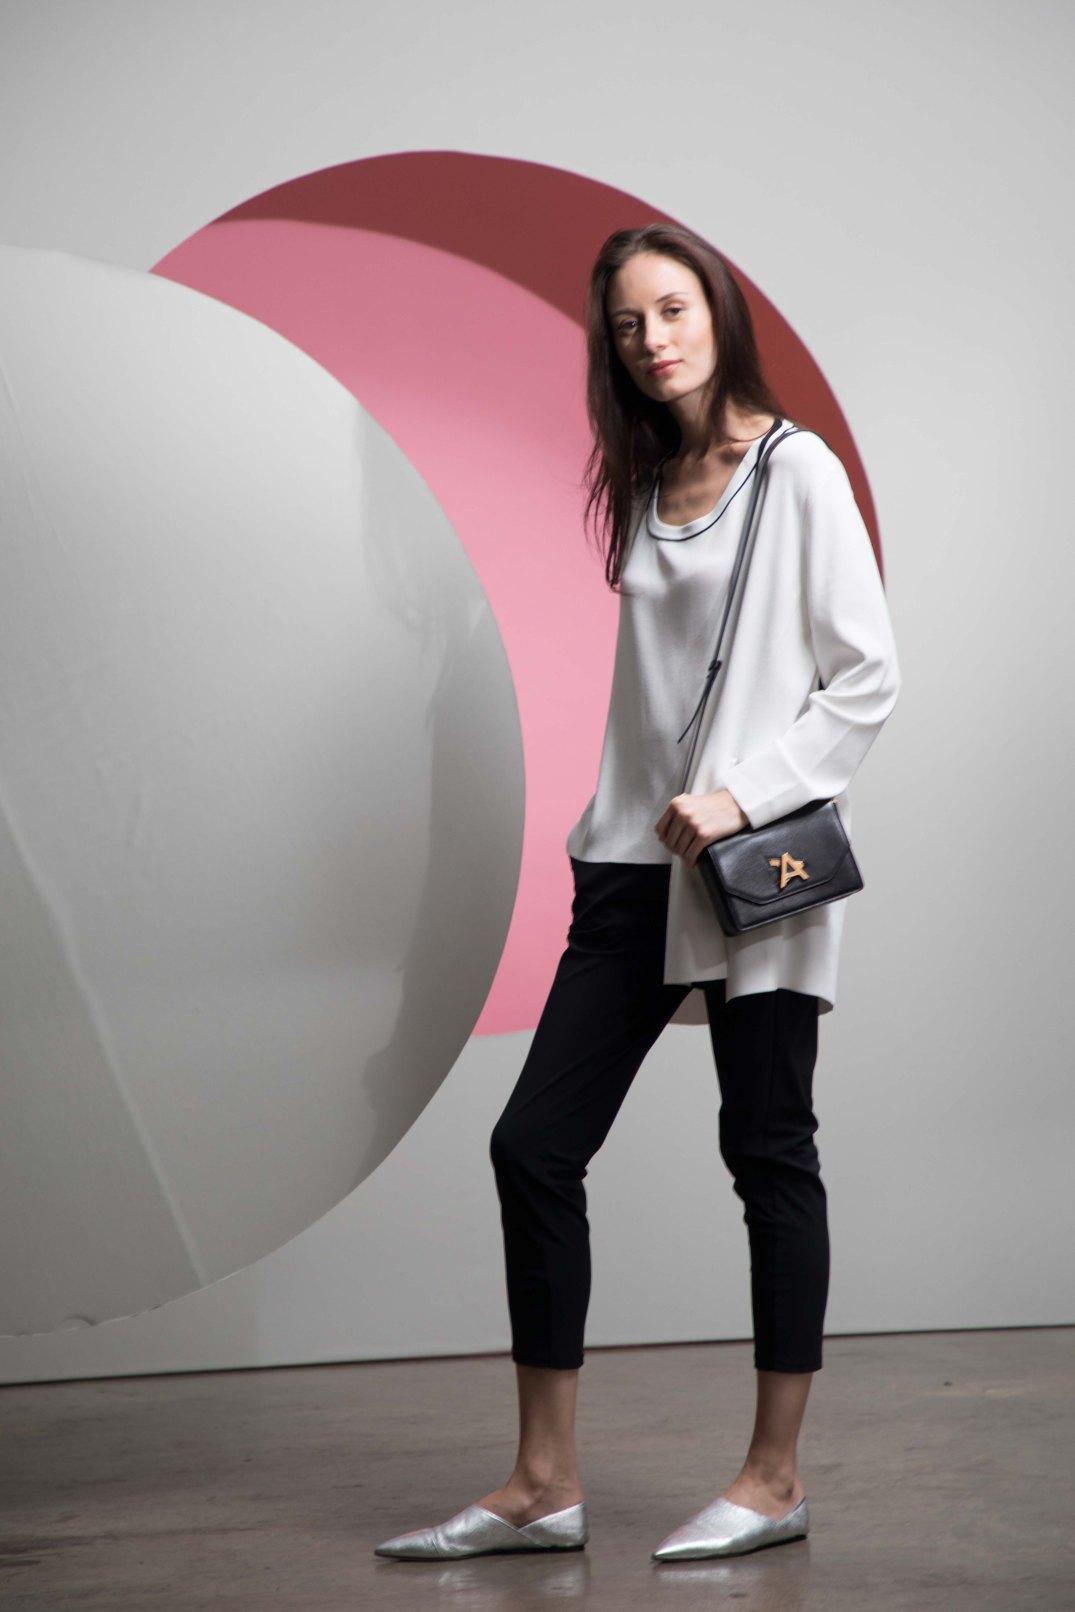 時裝服裝攝影 fashion Photography paulstylist-58